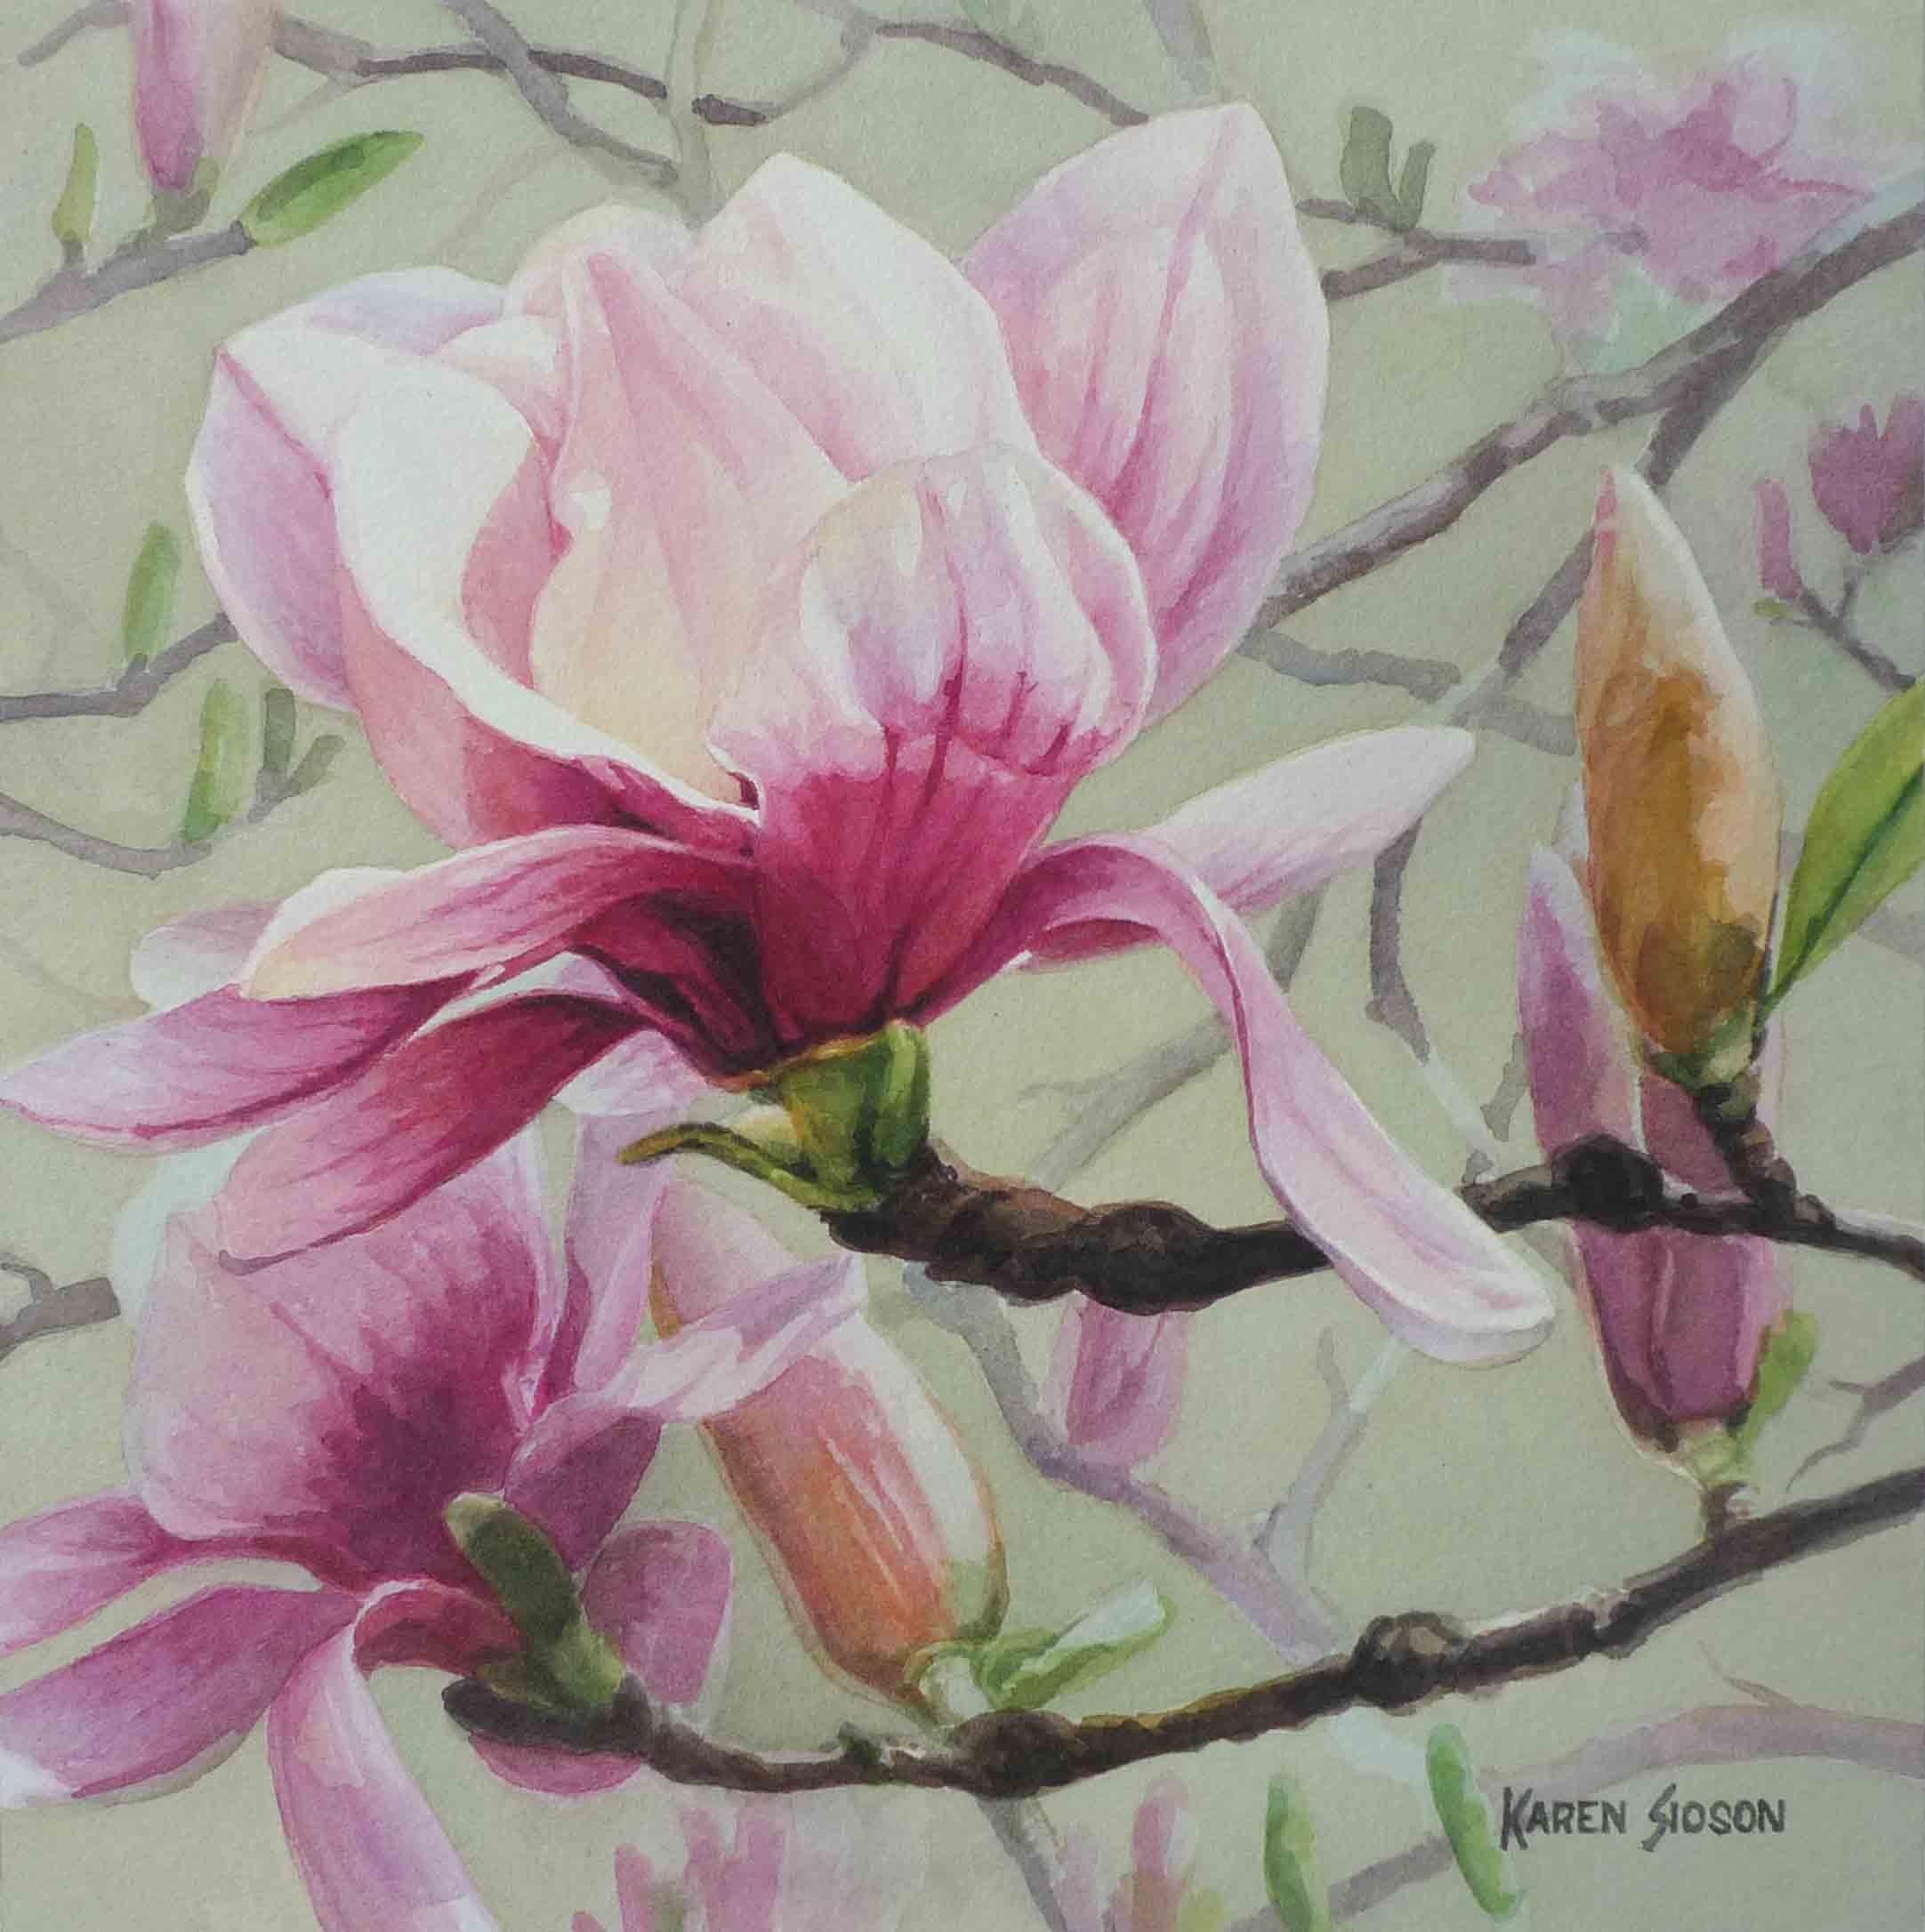 karensioson_magnolia_wn